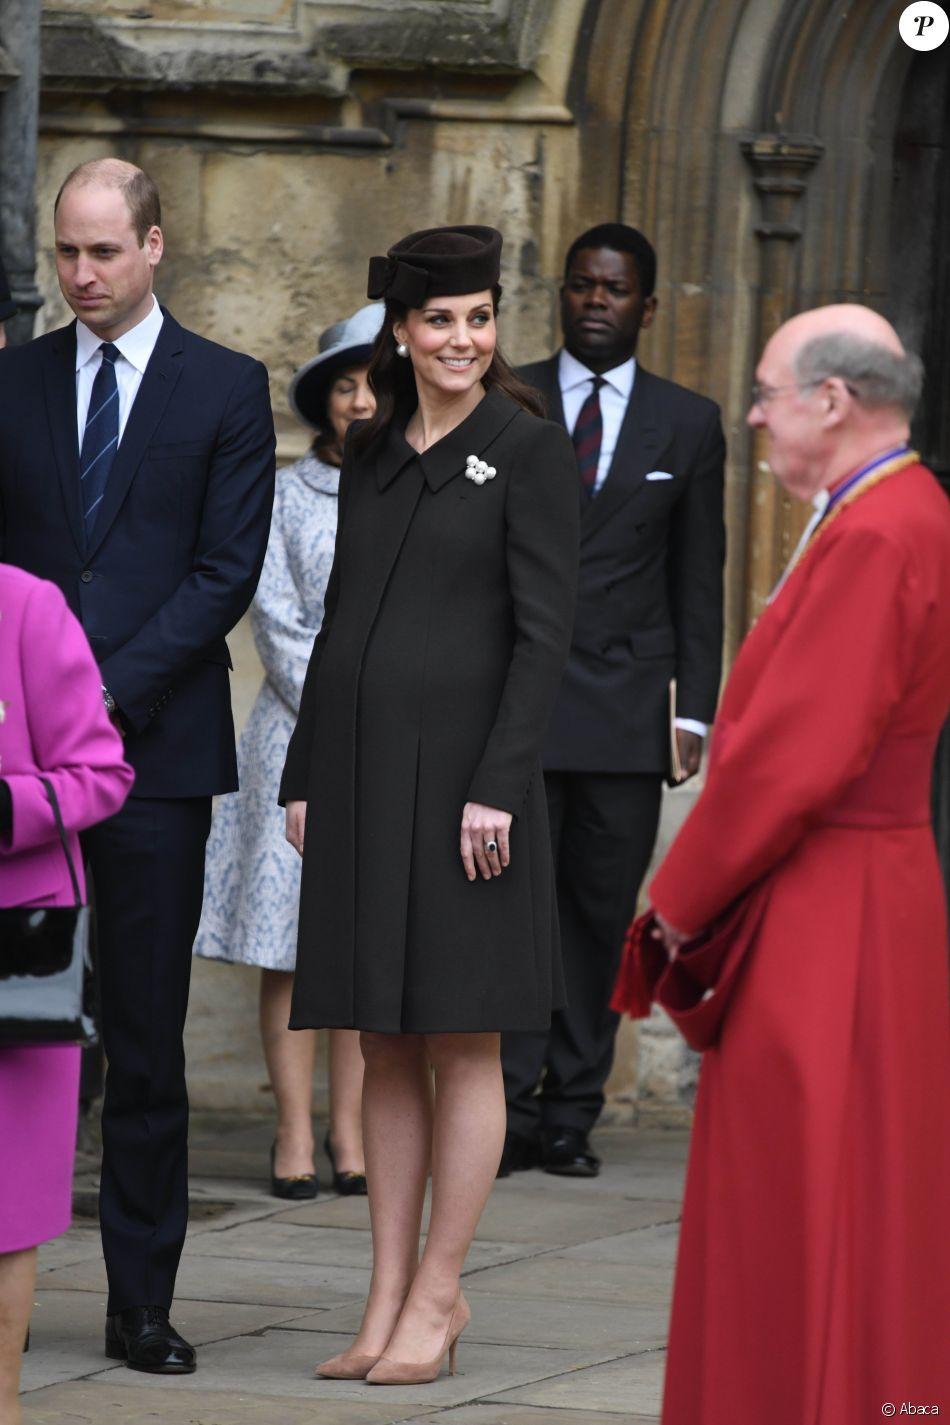 Le prince William et Kate Middleton lors de la messe de Pâques célébrée en la chappelle Saint-Georges du château de Windsor le 1er avril 2018.